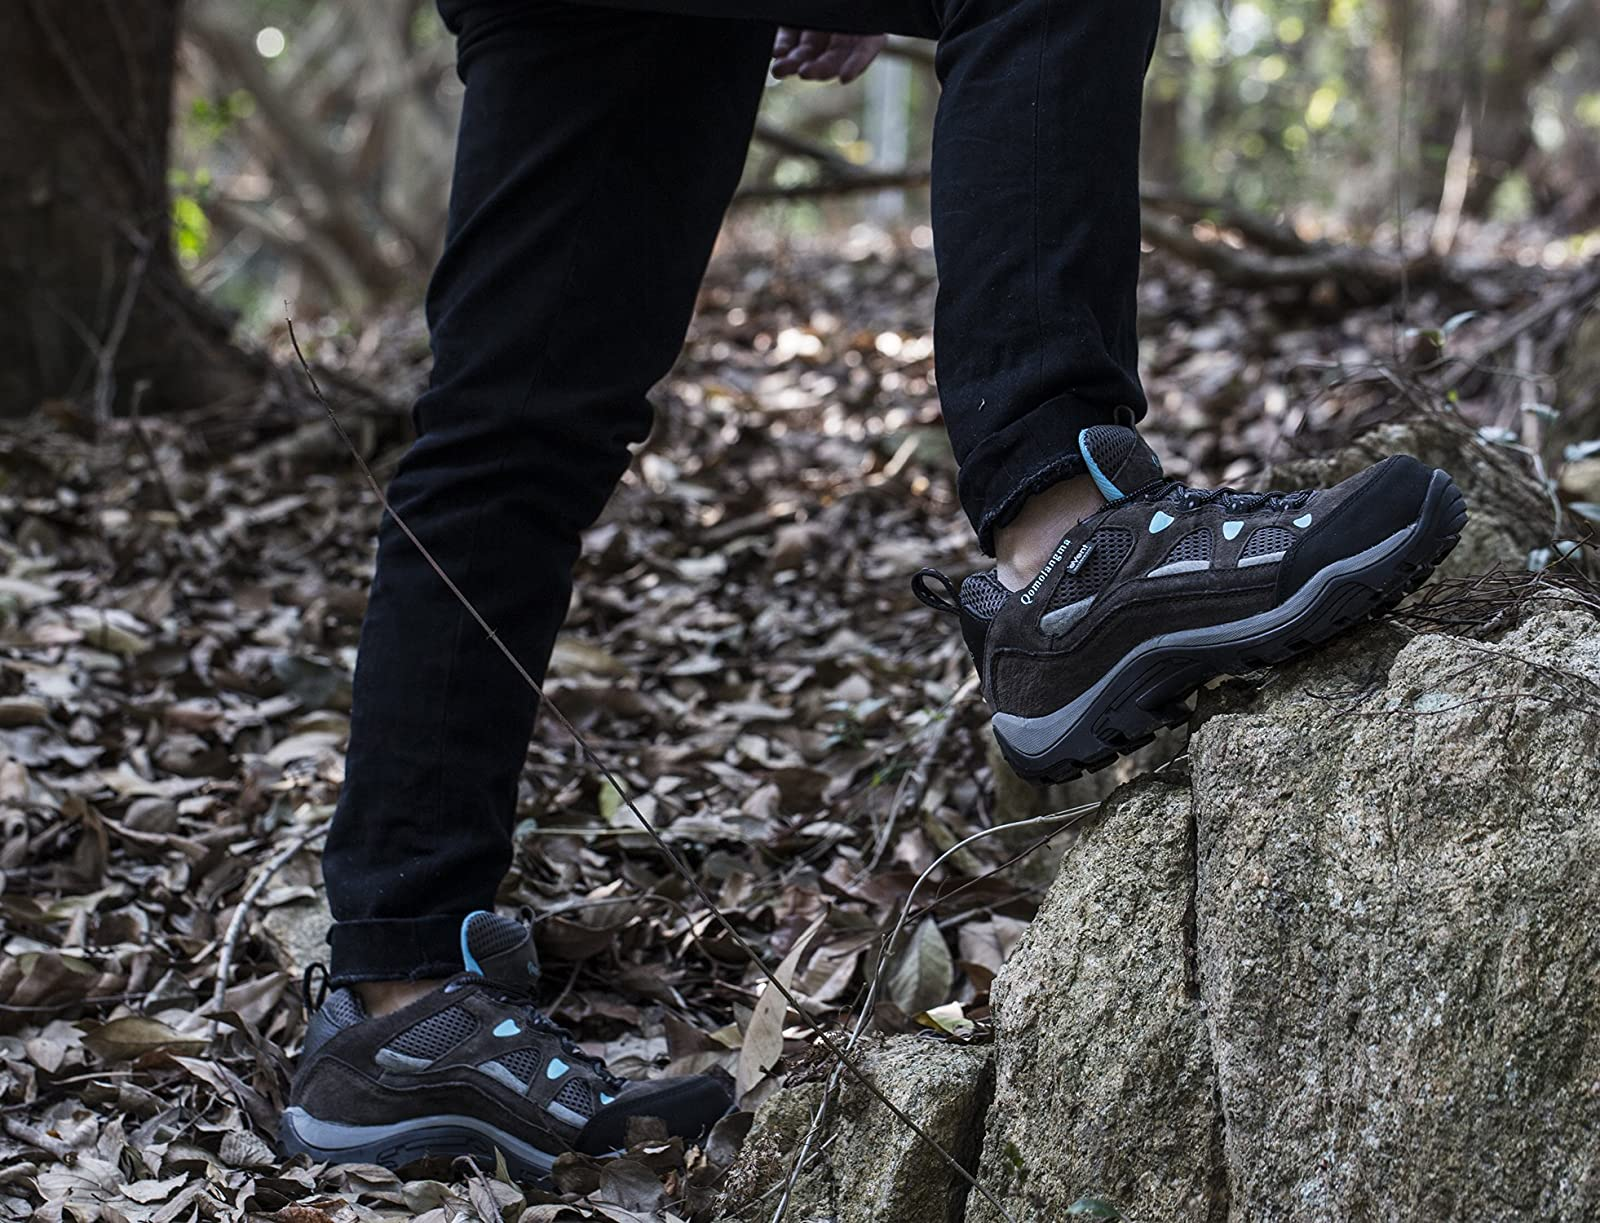 QOMOLANGMA Women's Waterproof Wide Hiking Shoes W91501 - 6